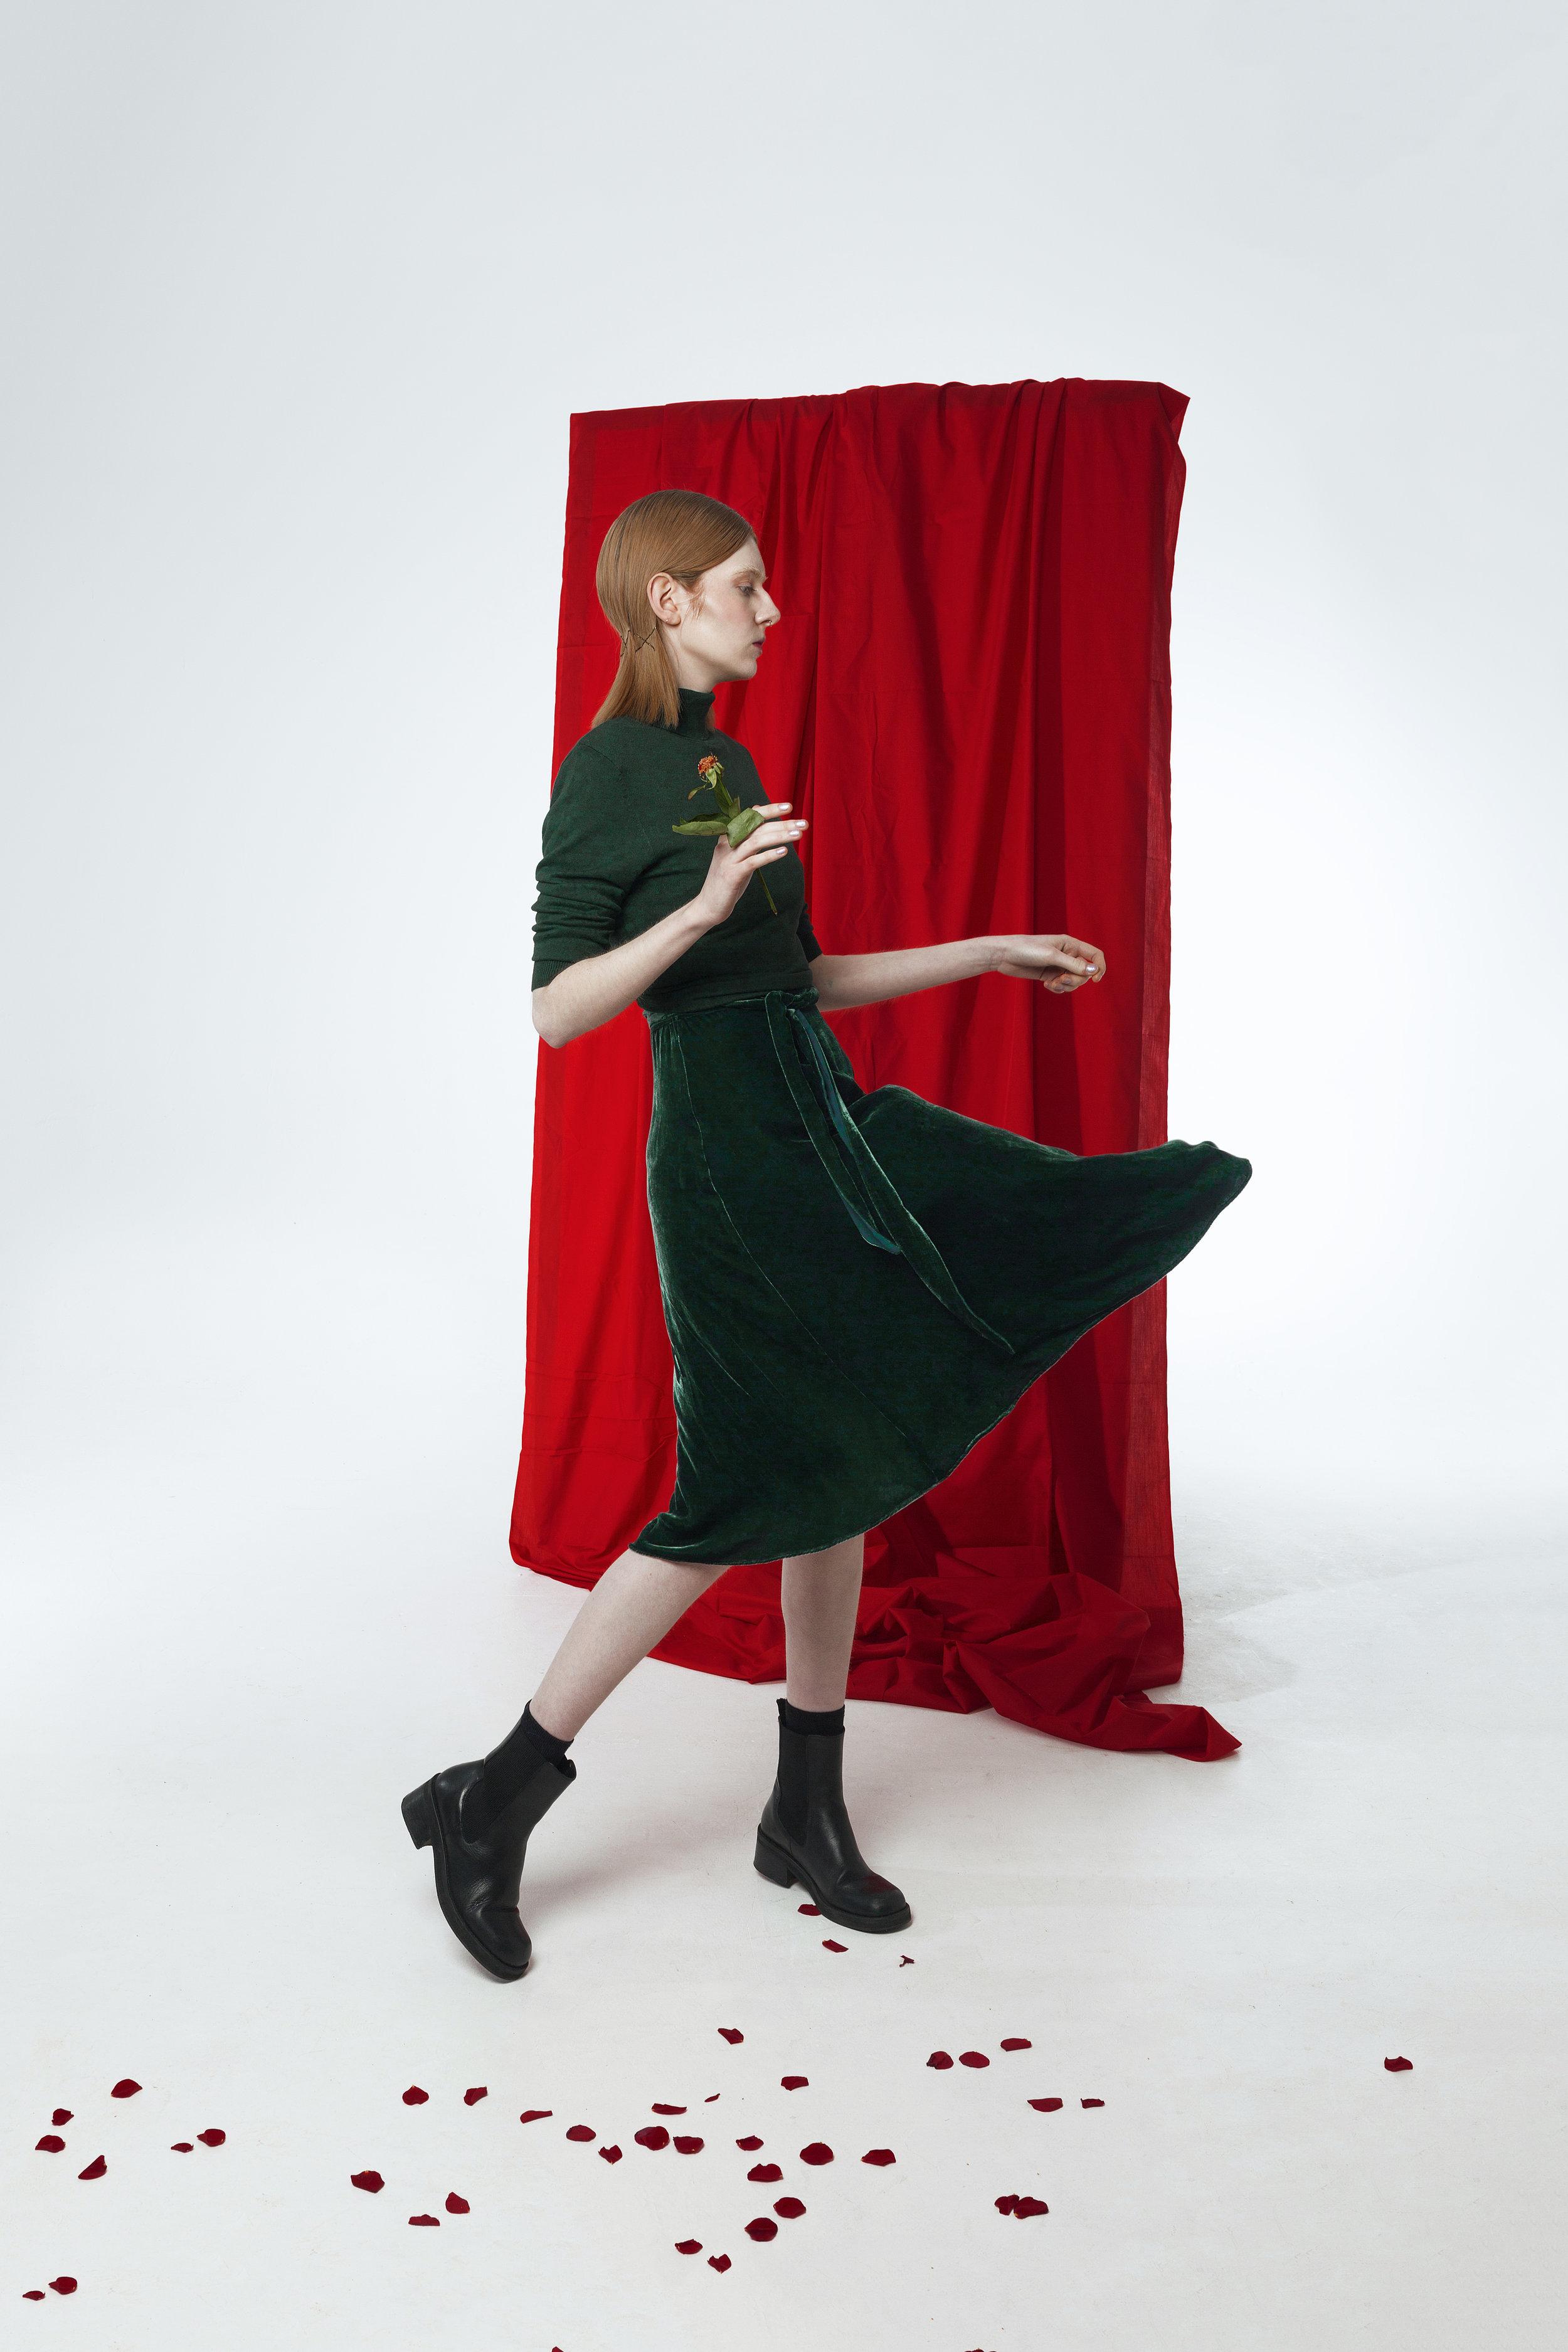 JUMPER / Zara  Dress / Laura Ashley  Boots / E8 by MIISTA